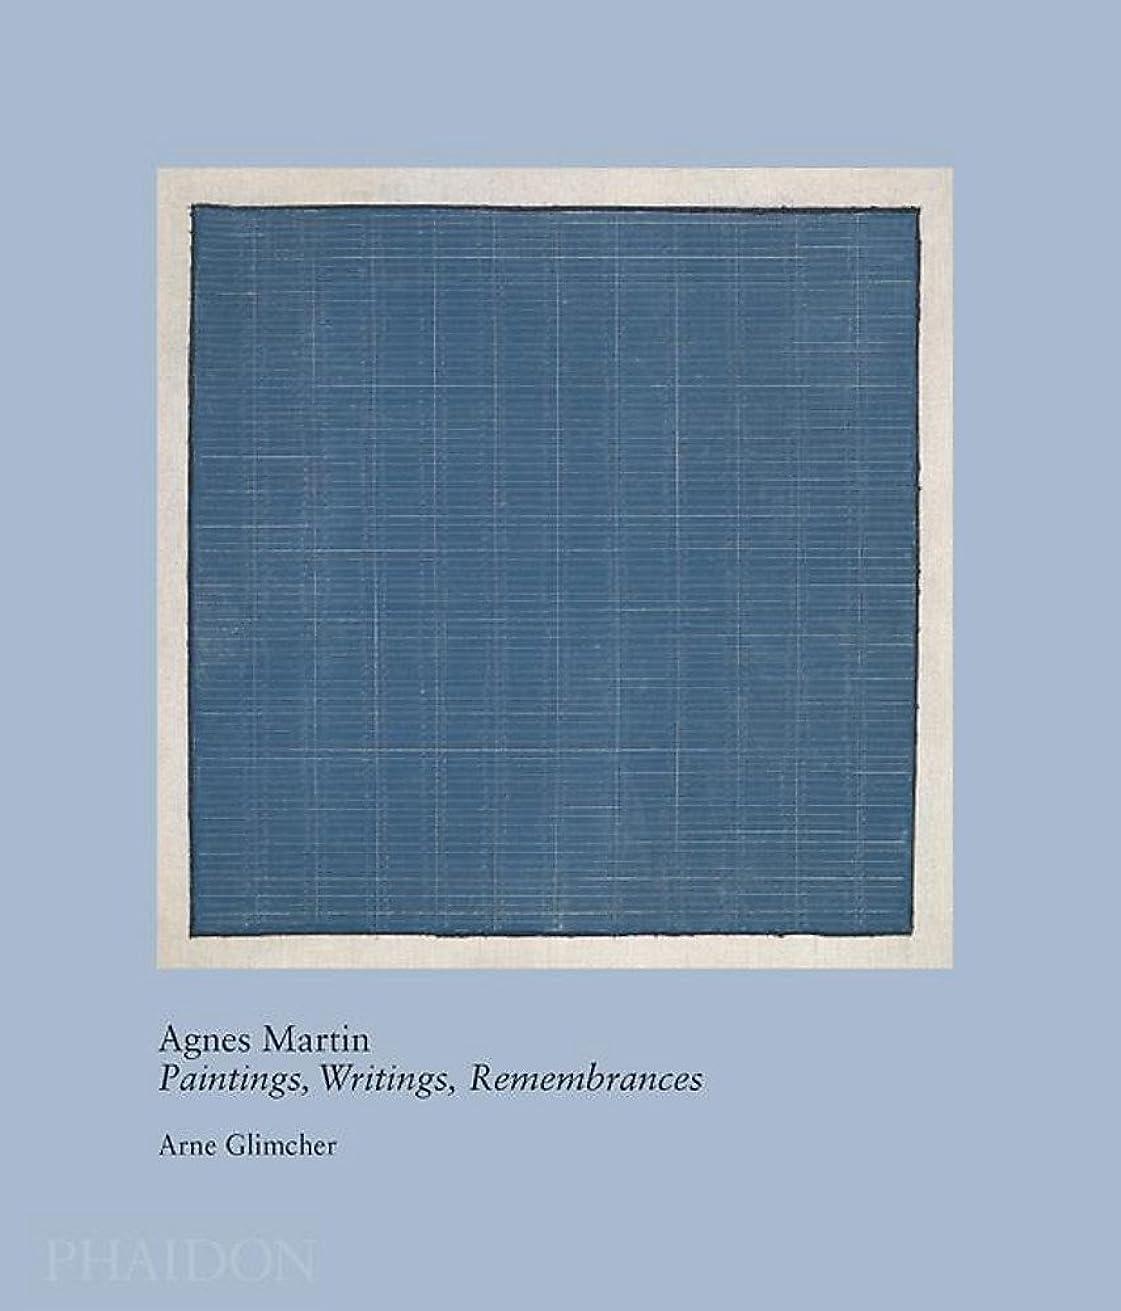 透けて見える悪のリビジョンAgnes Martin: Paintings, Writings, Remembrances by Arne Glimcher (20th century living masters)